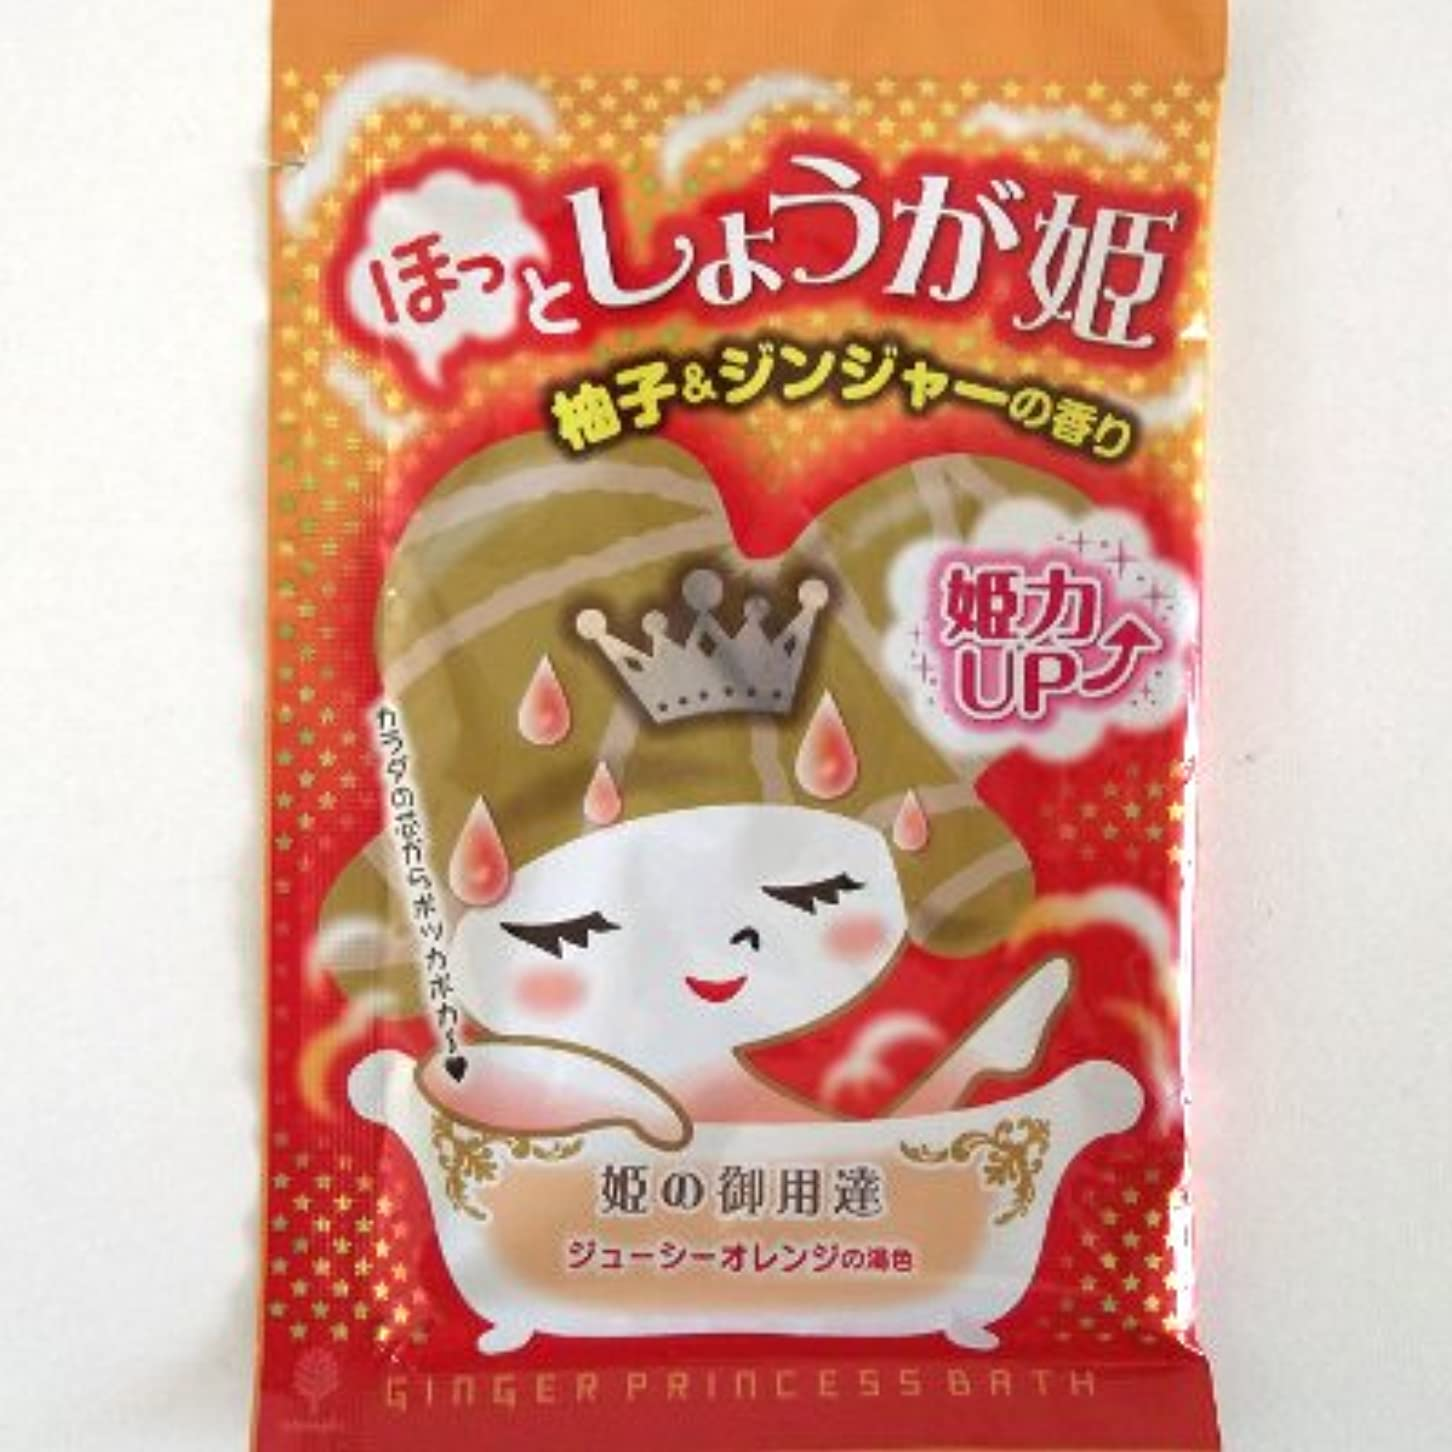 正直ライナーアイスクリームほっとしょうが姫 柚子&ジンジャーの香り